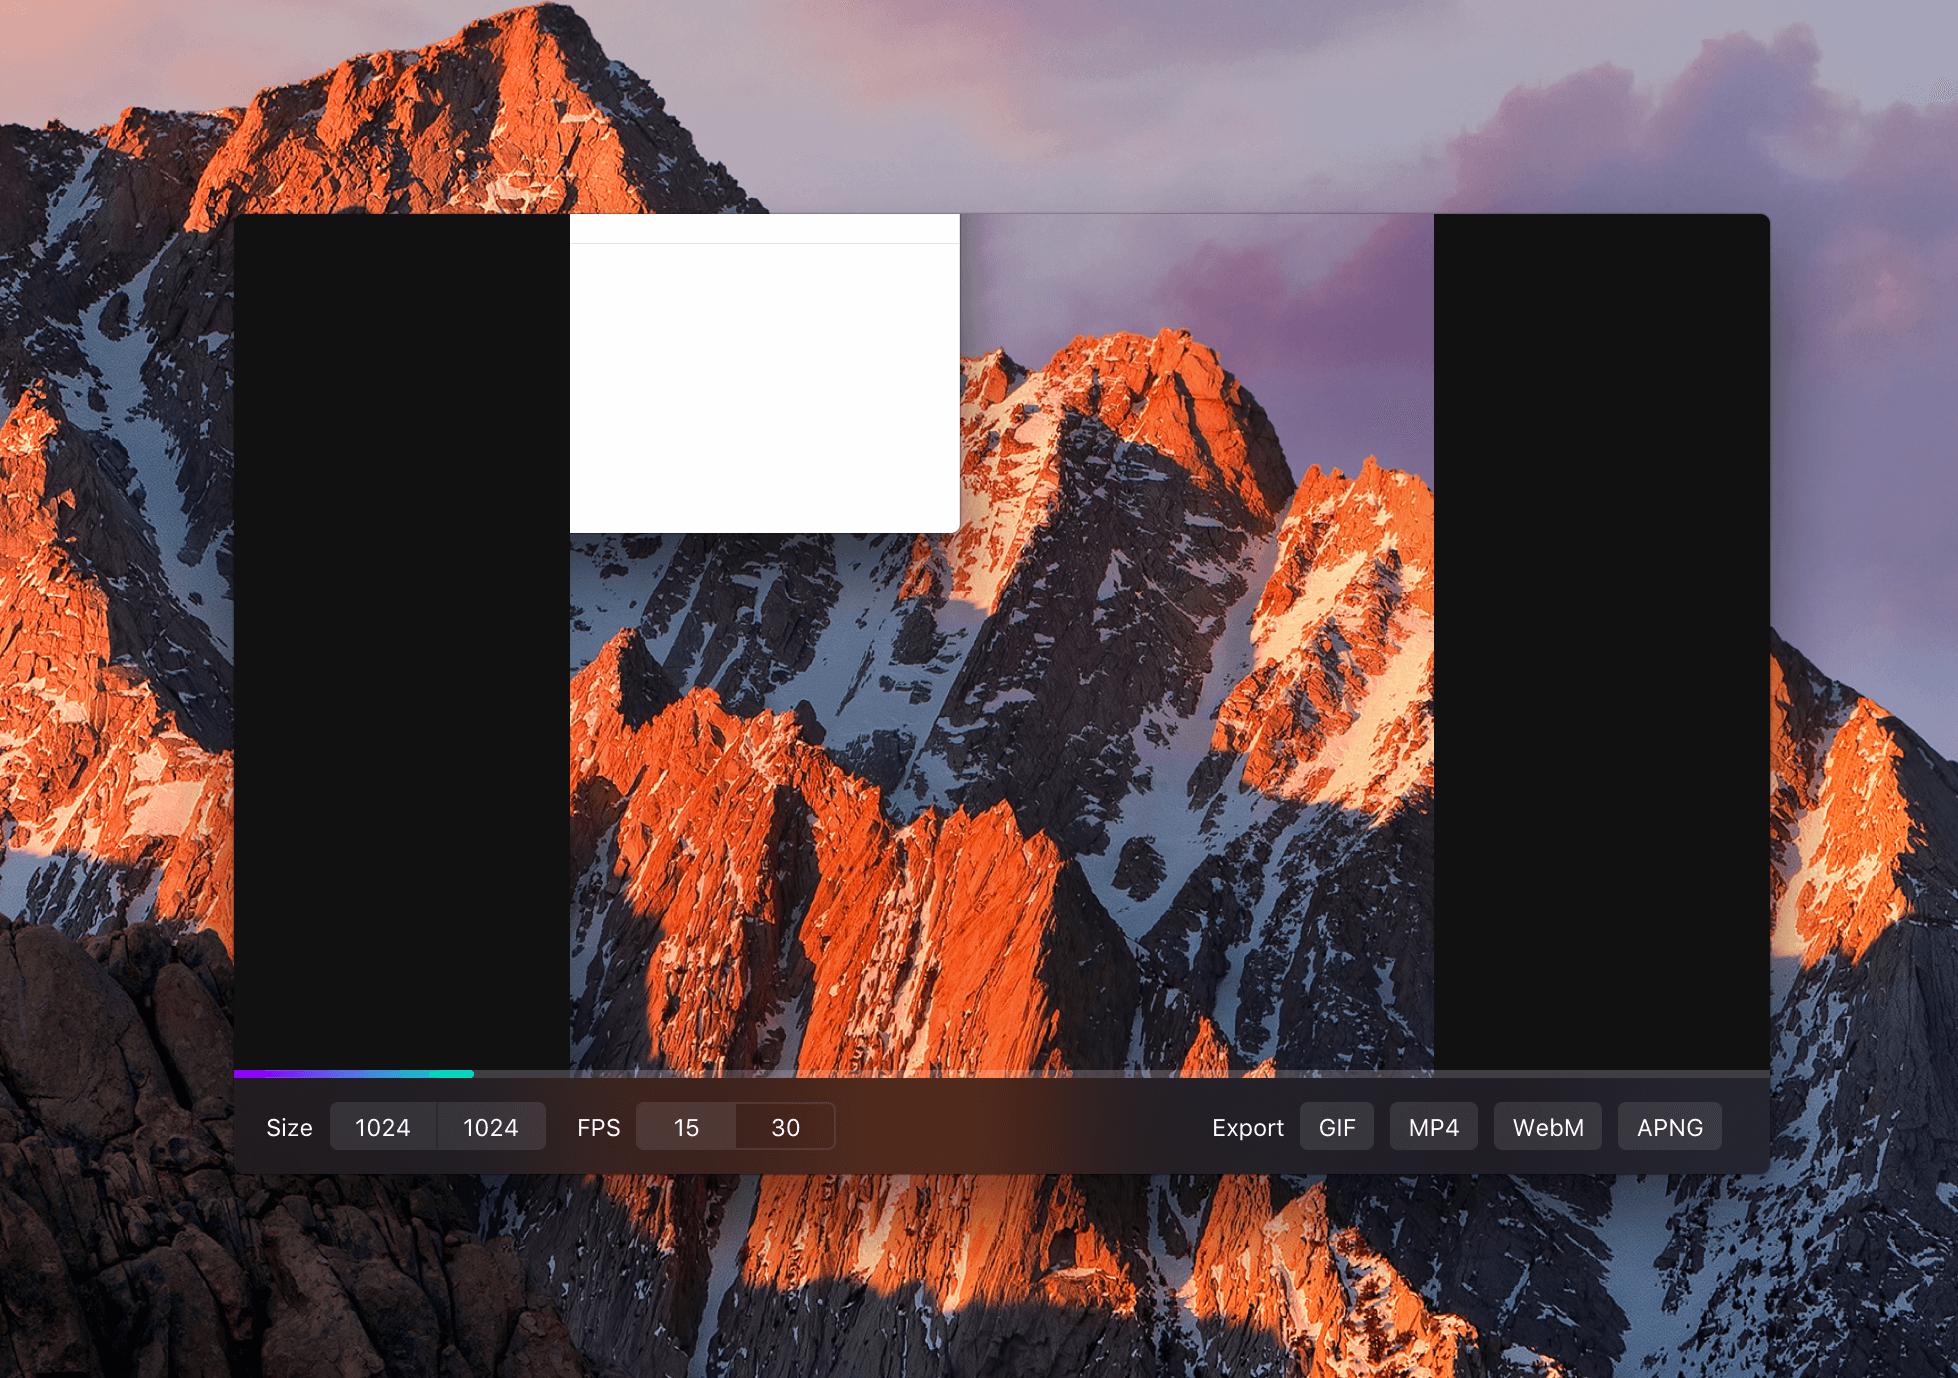 Kap 2.1.2GIF屏幕录像软件